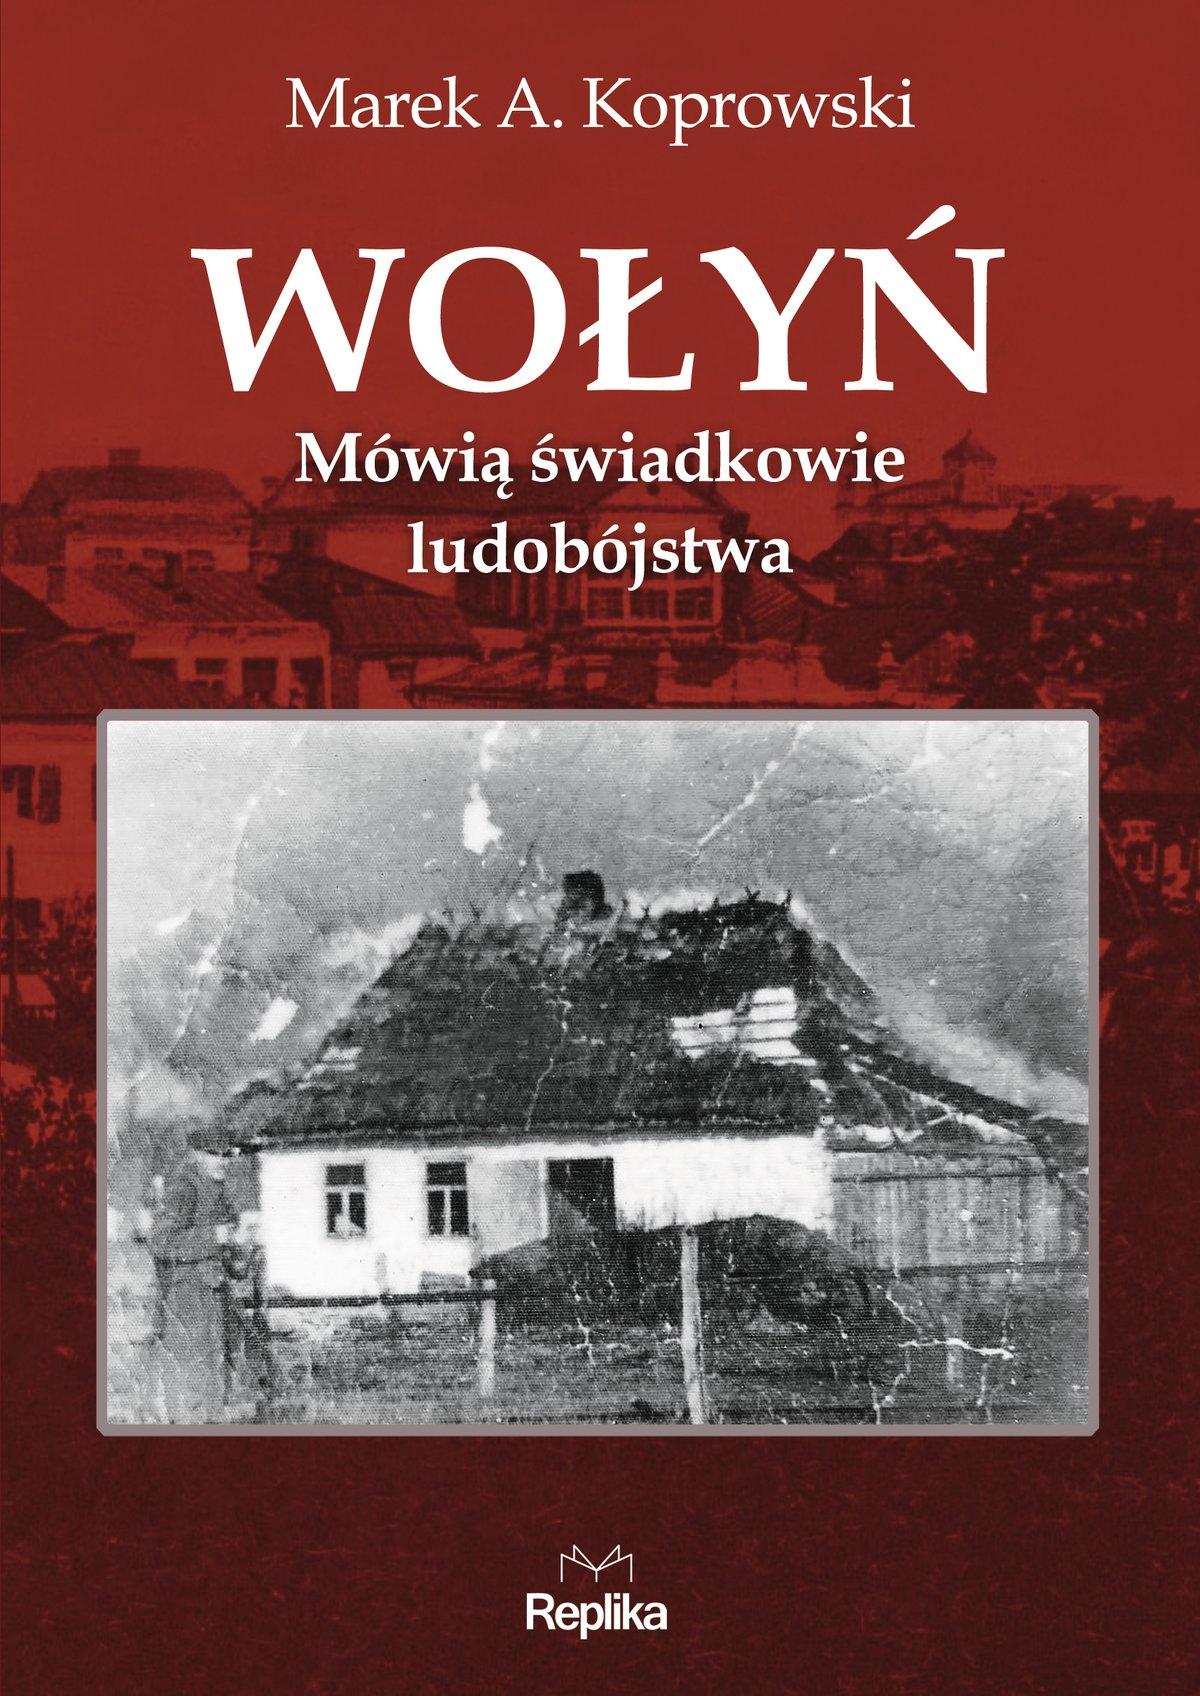 Wołyń. Mówią świadkowie ludobójstwa - Ebook (Książka na Kindle) do pobrania w formacie MOBI